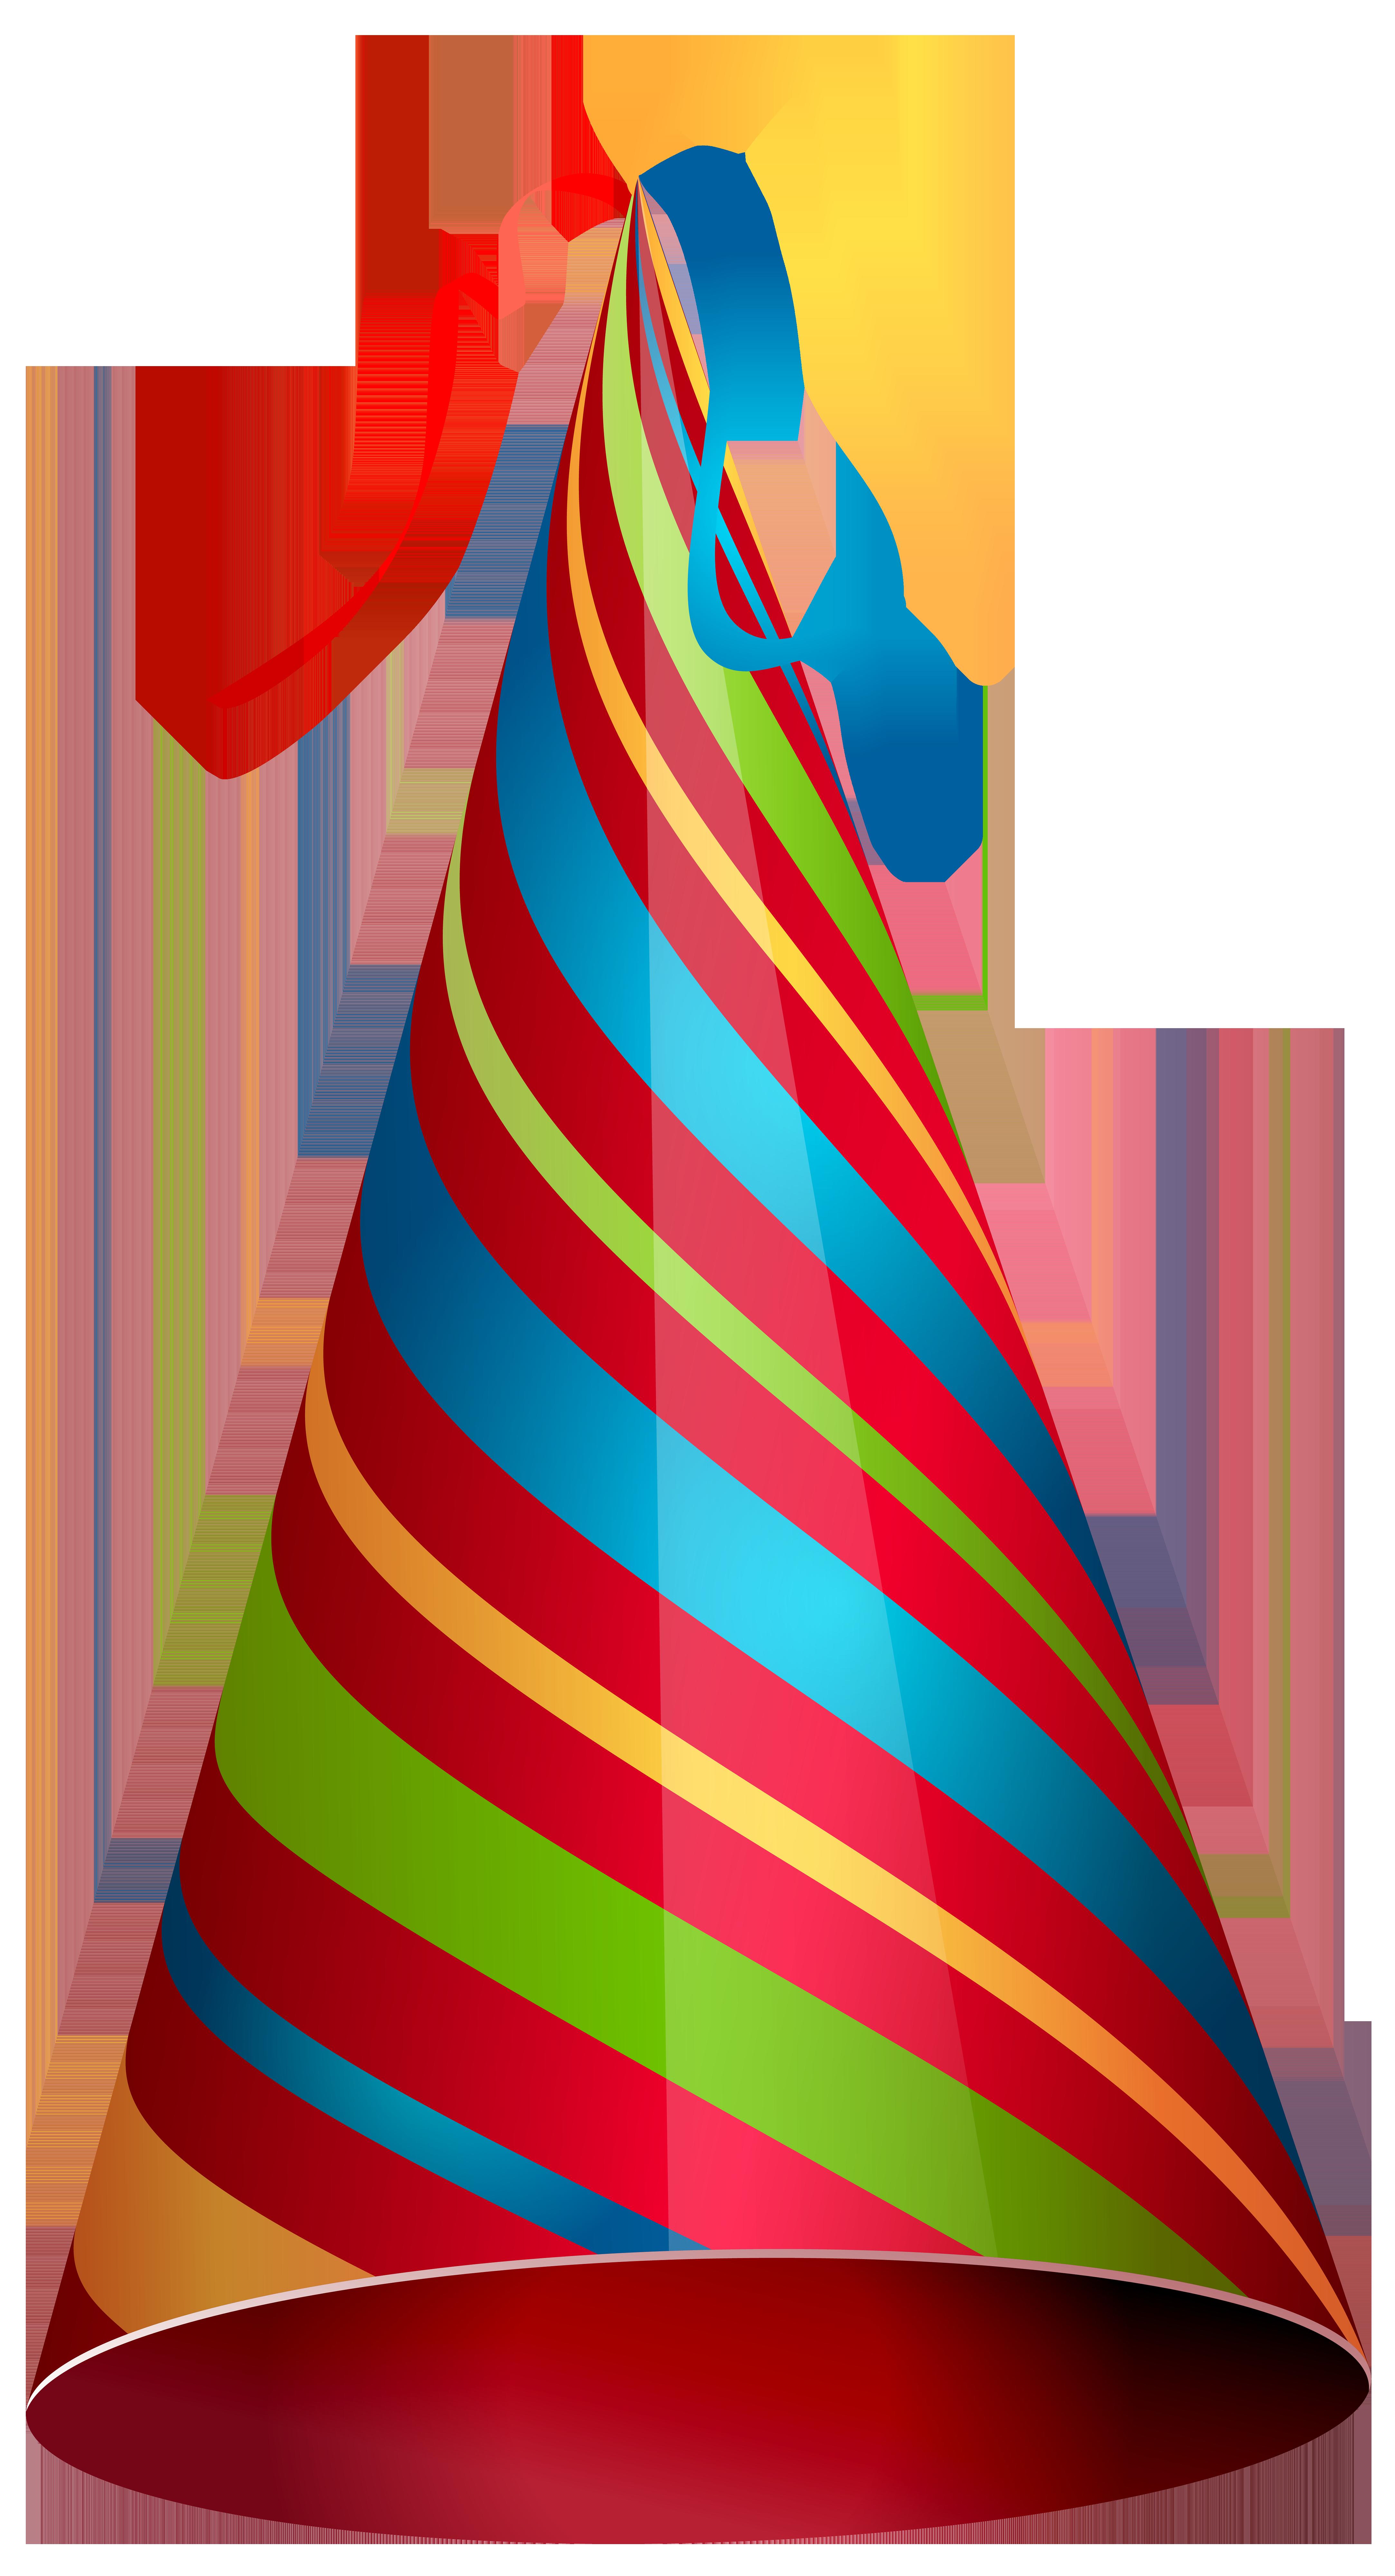 Party Hat Clipart Transparent Background - ClipArt Best